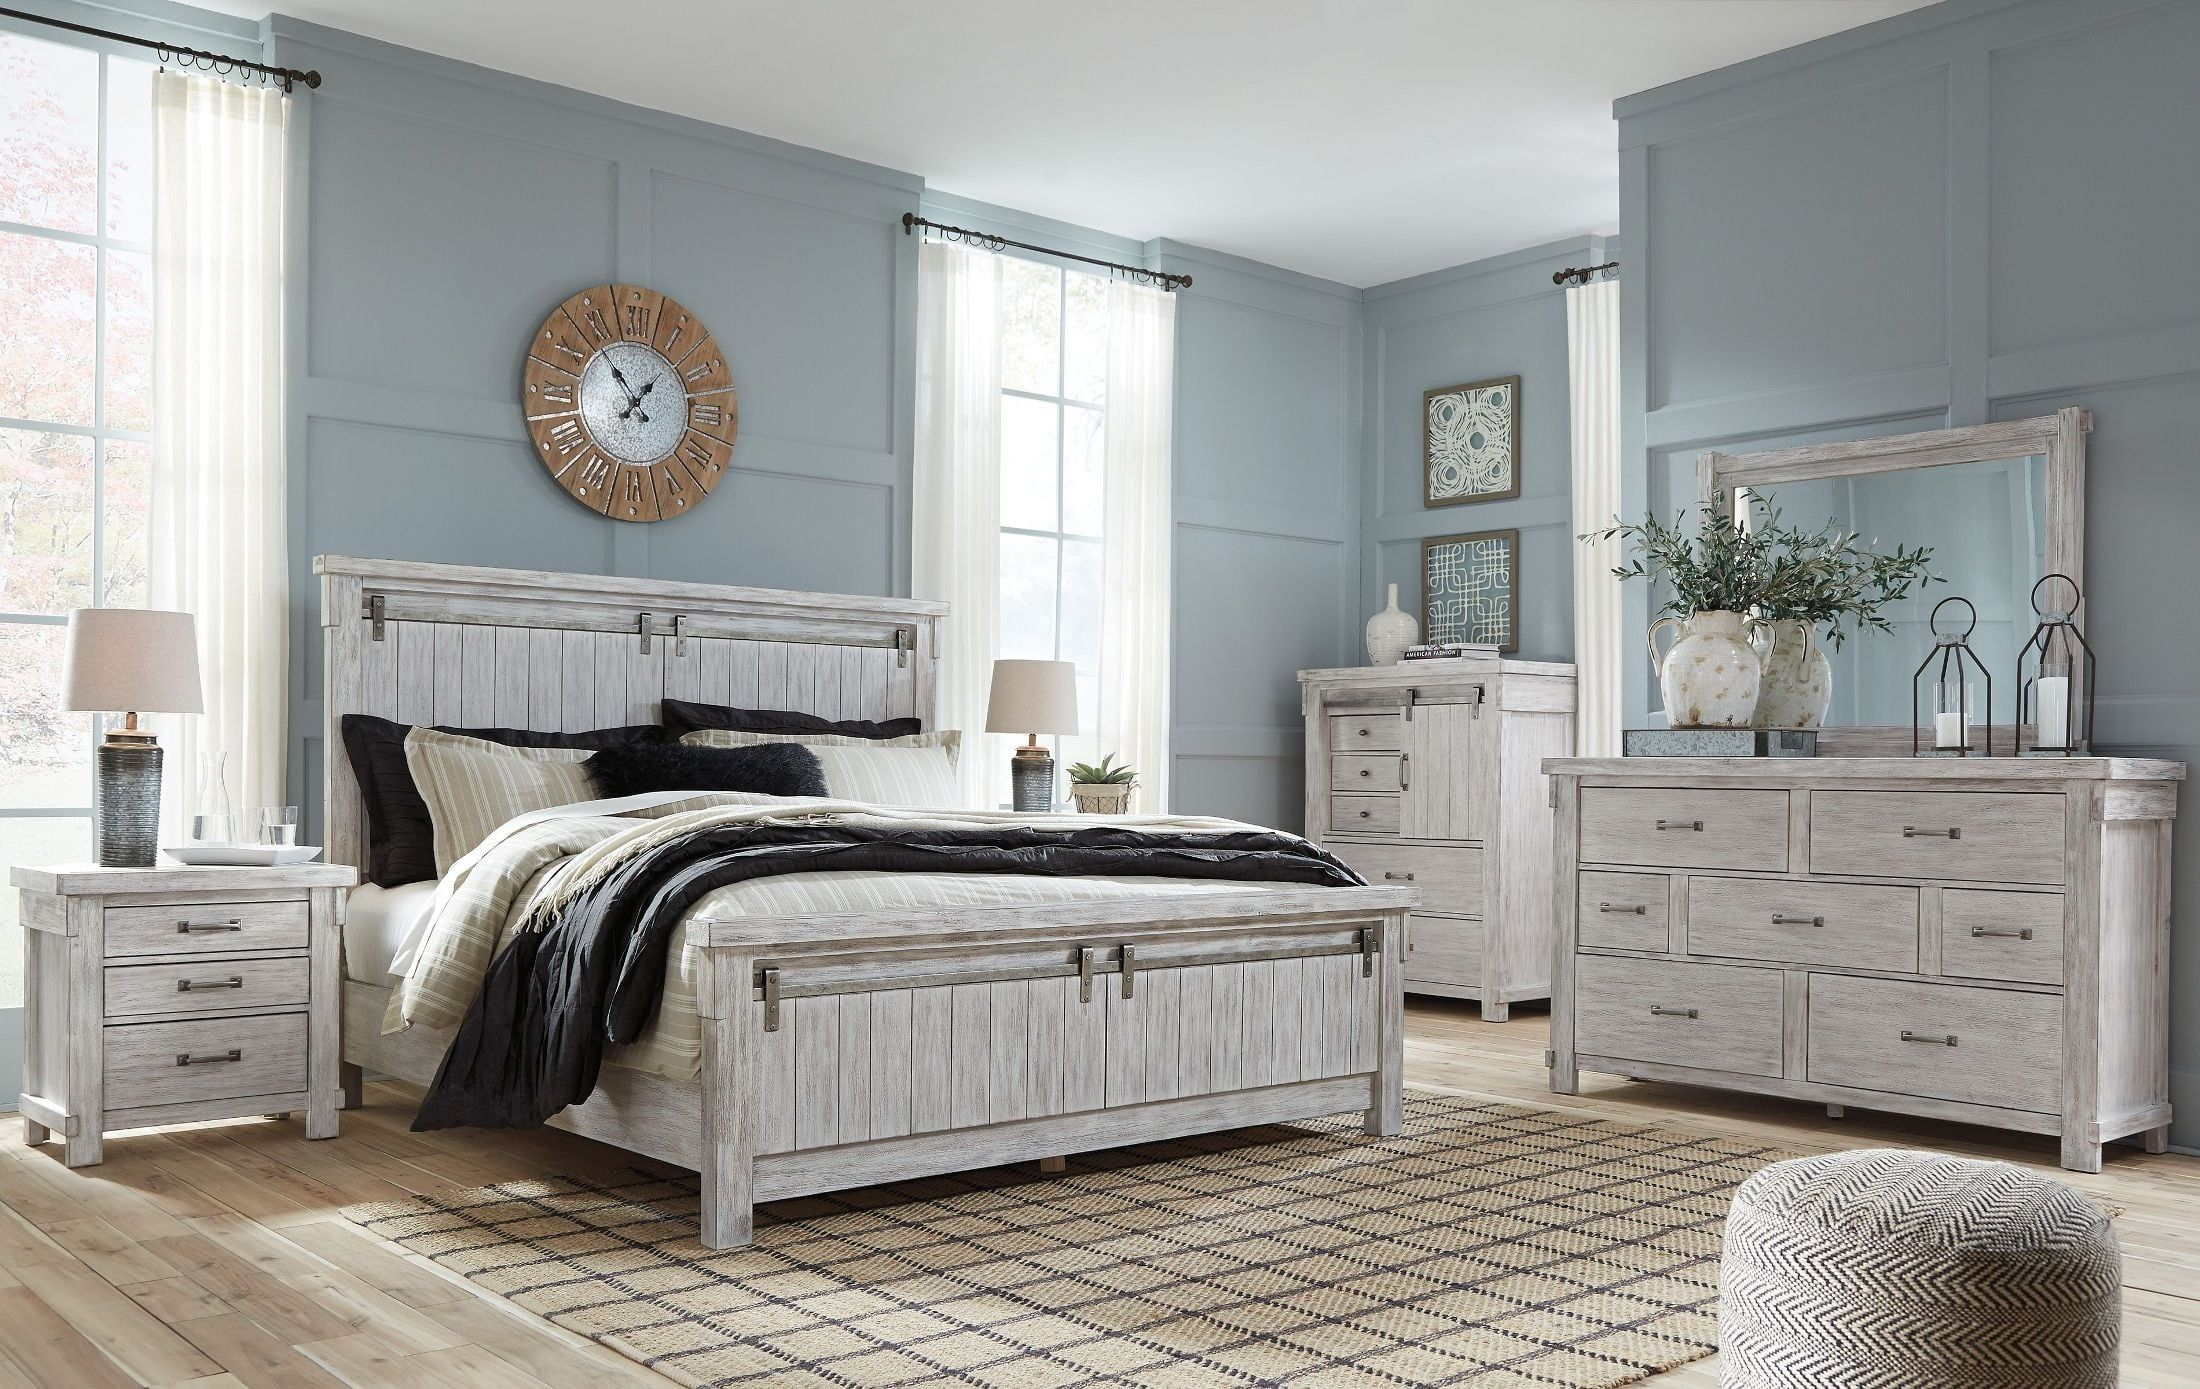 Best Brashland White Panel Bedroom Set King Bedroom Sets 400 x 300